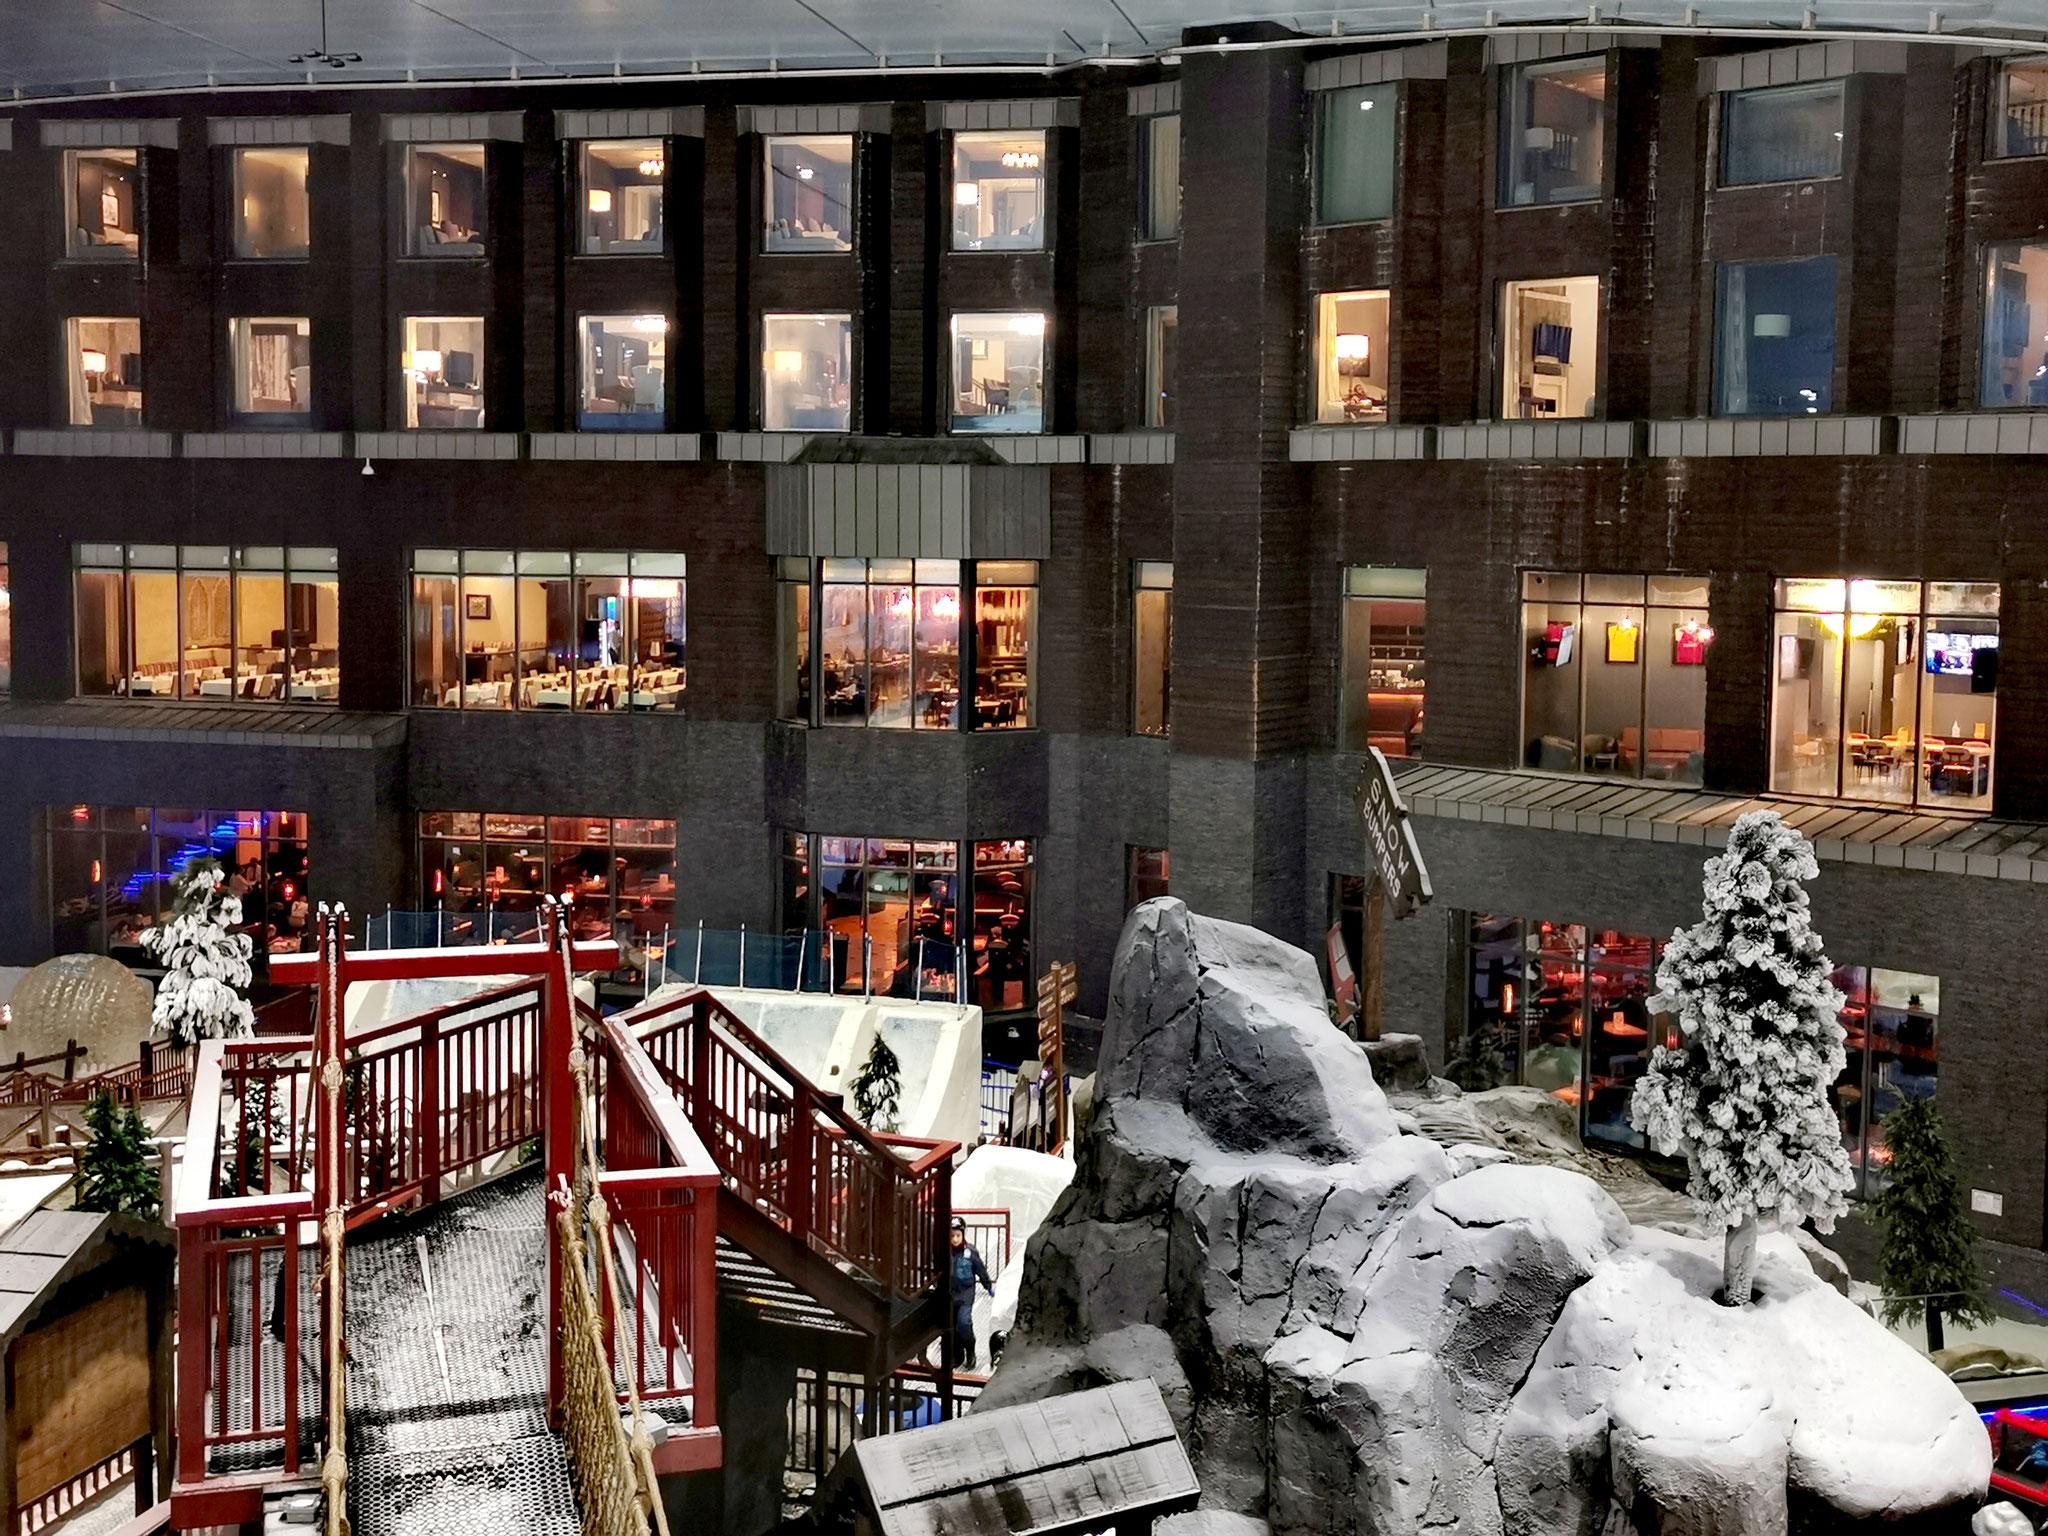 """In den oberen Stockwerken befinden sich die """"Ski Chalets"""" des Kempinski Hotels mit Blick in die Skihalle"""